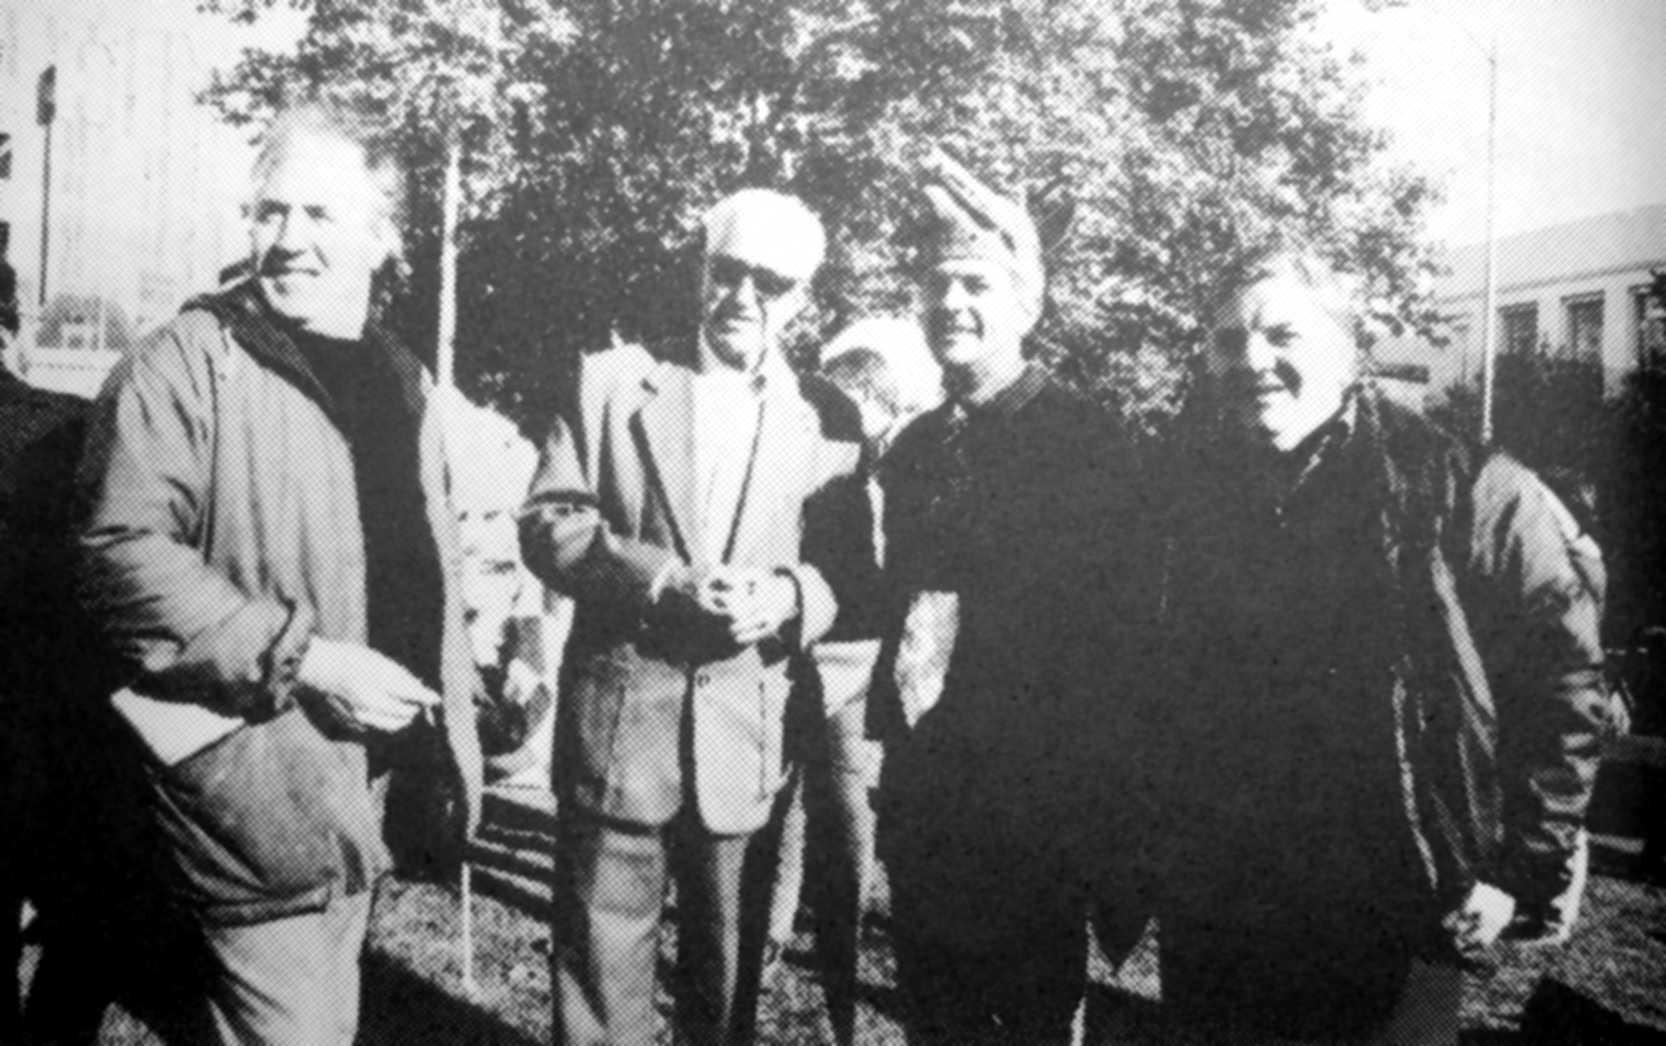 D'esquerra a dreta: Antonio Jiménez Cubillo, Vicente Ruíz Gutiérrez, Jorge i Marinano Susiac, en les celebracions de l'Australian Anarchist Centenary (Melbourne, maig de 1986)